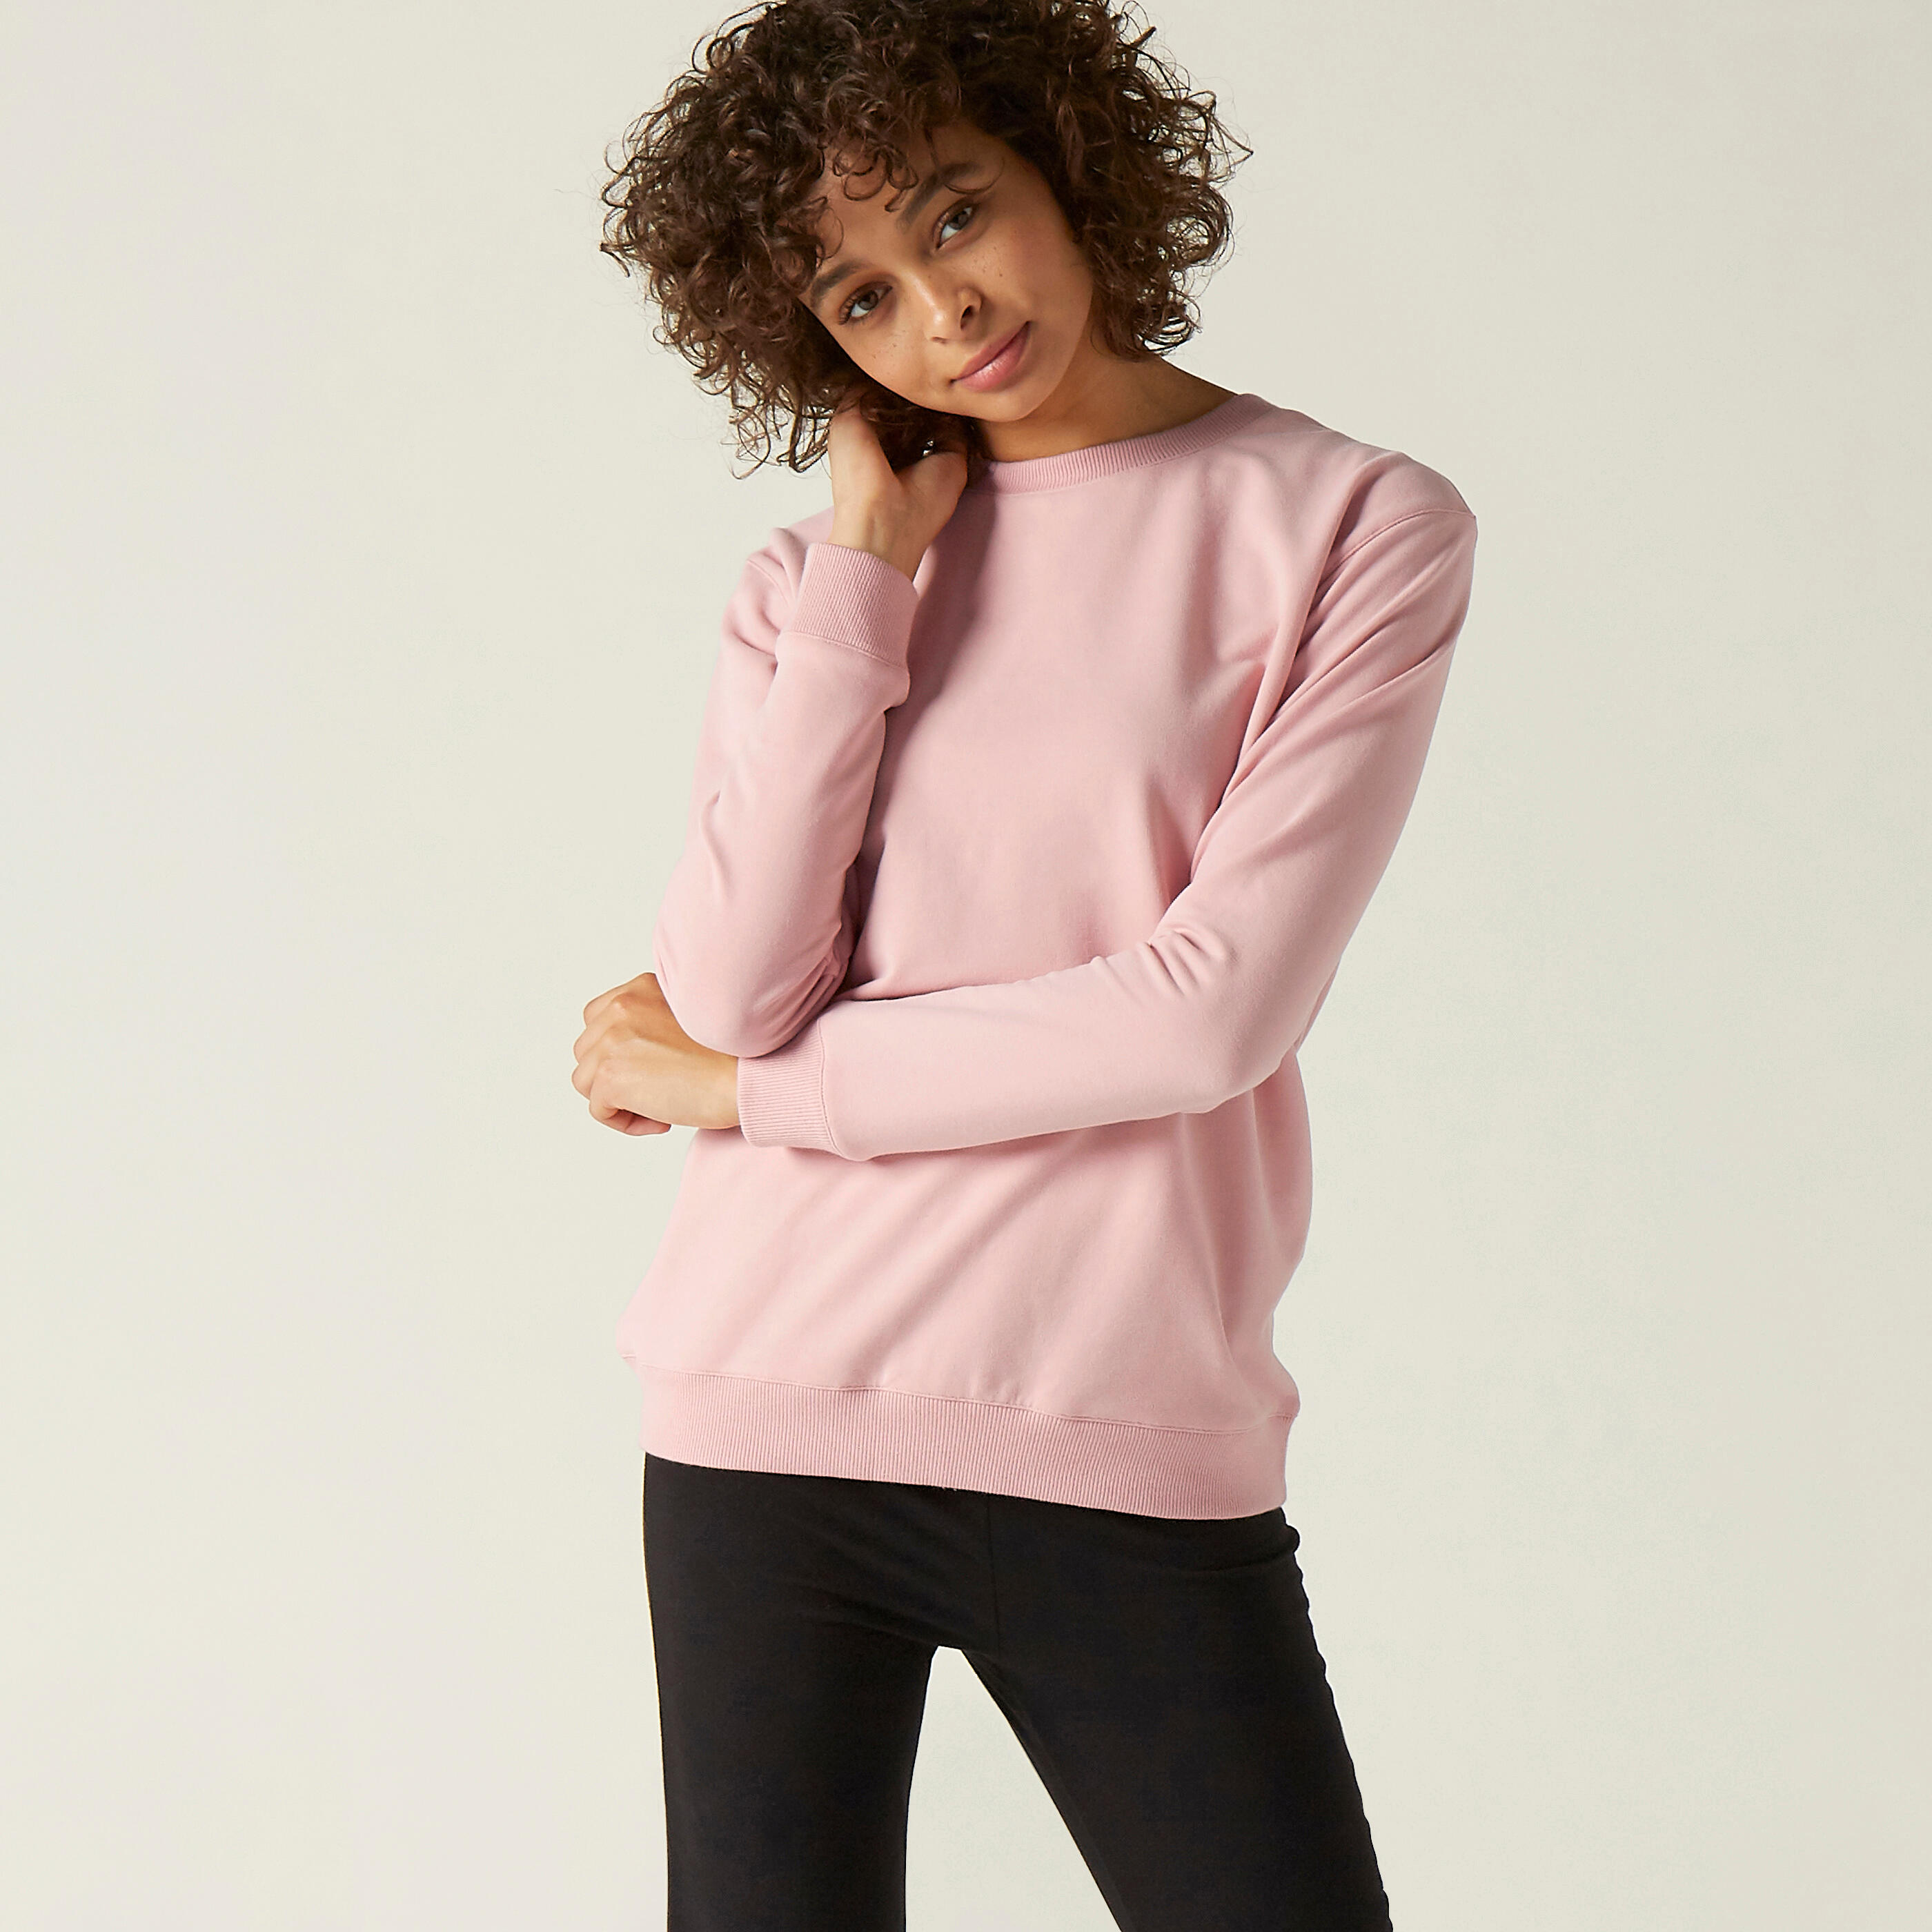 Bluză 100 roz damă la Reducere poza